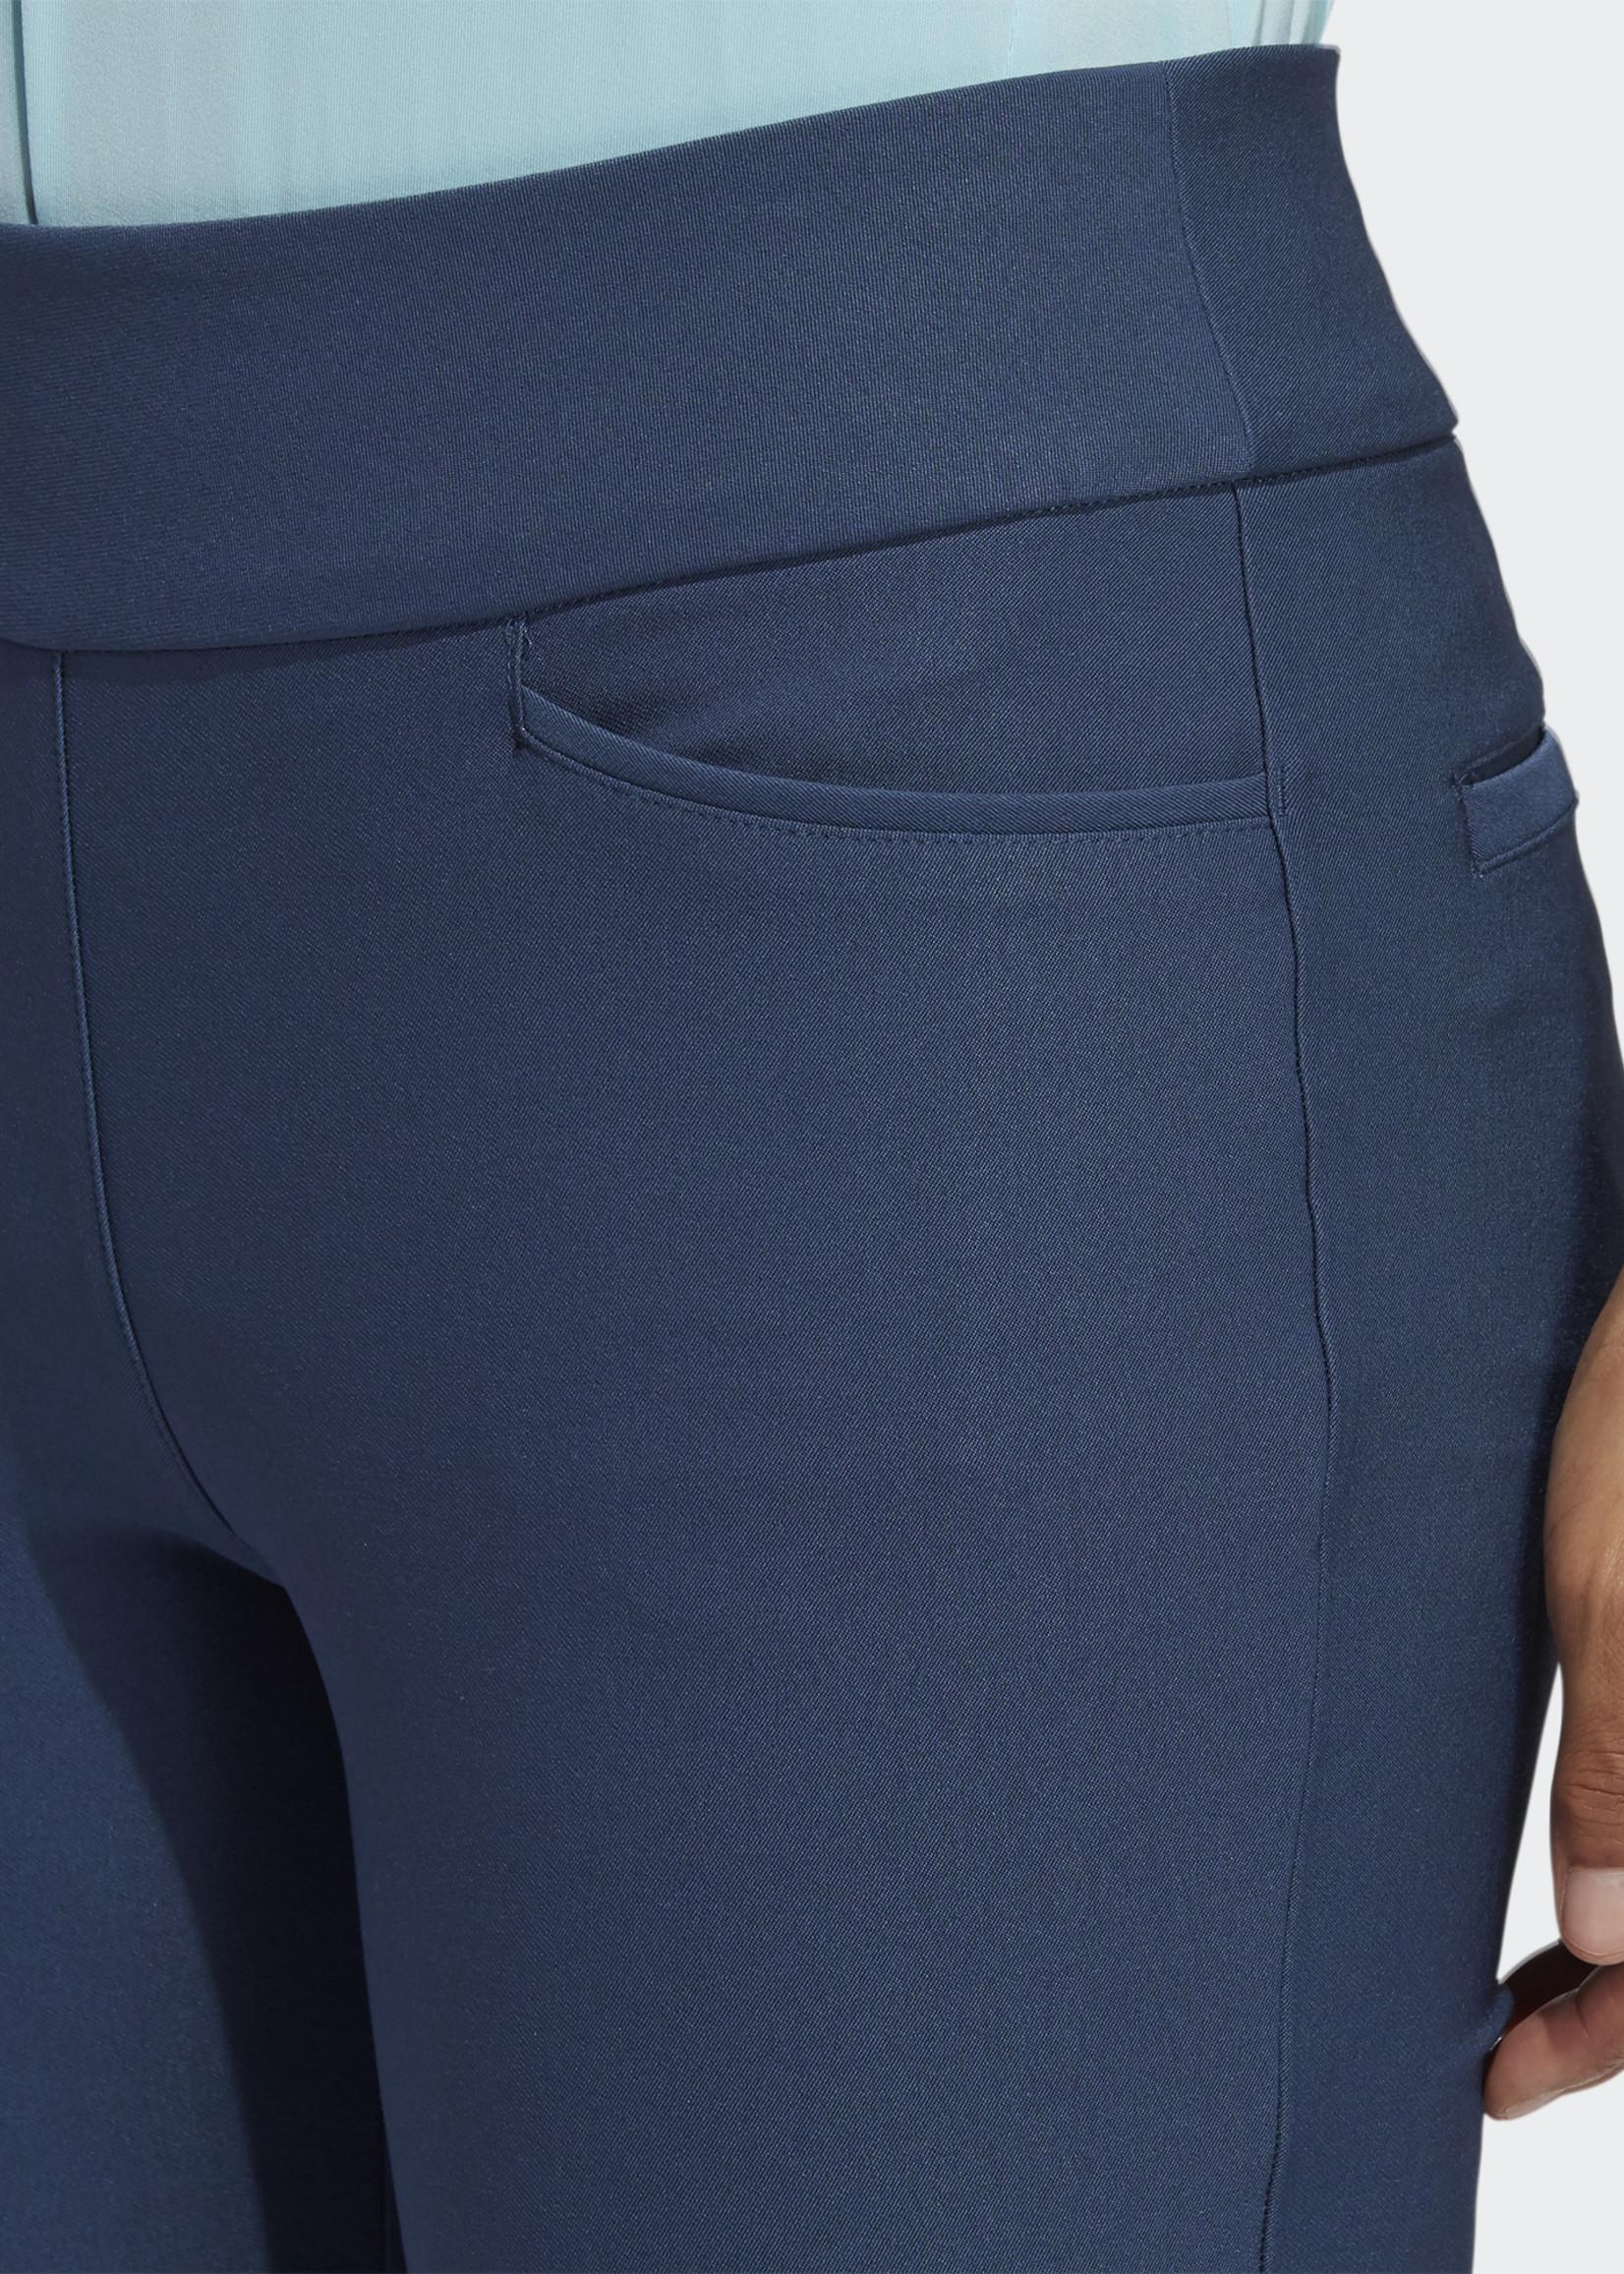 Adidas PULLON ANKL PT      CRENAV